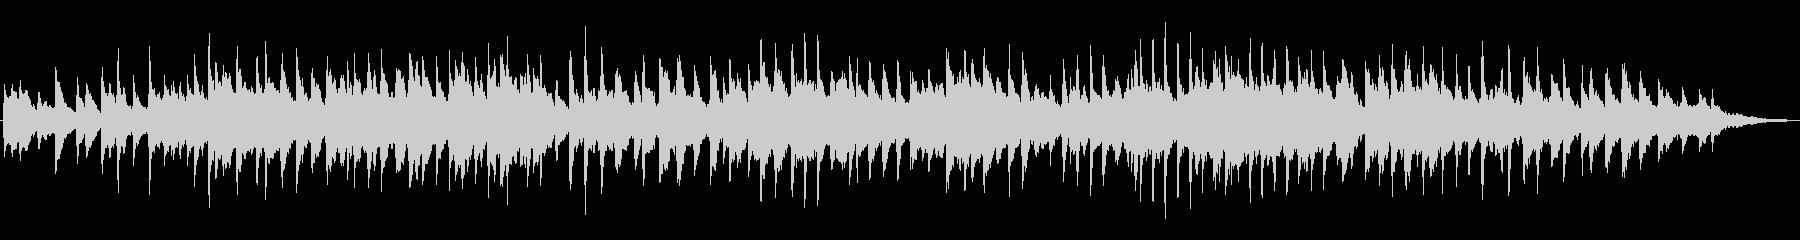 「ふるさと」洗練した落ち着いたピアノソロの未再生の波形